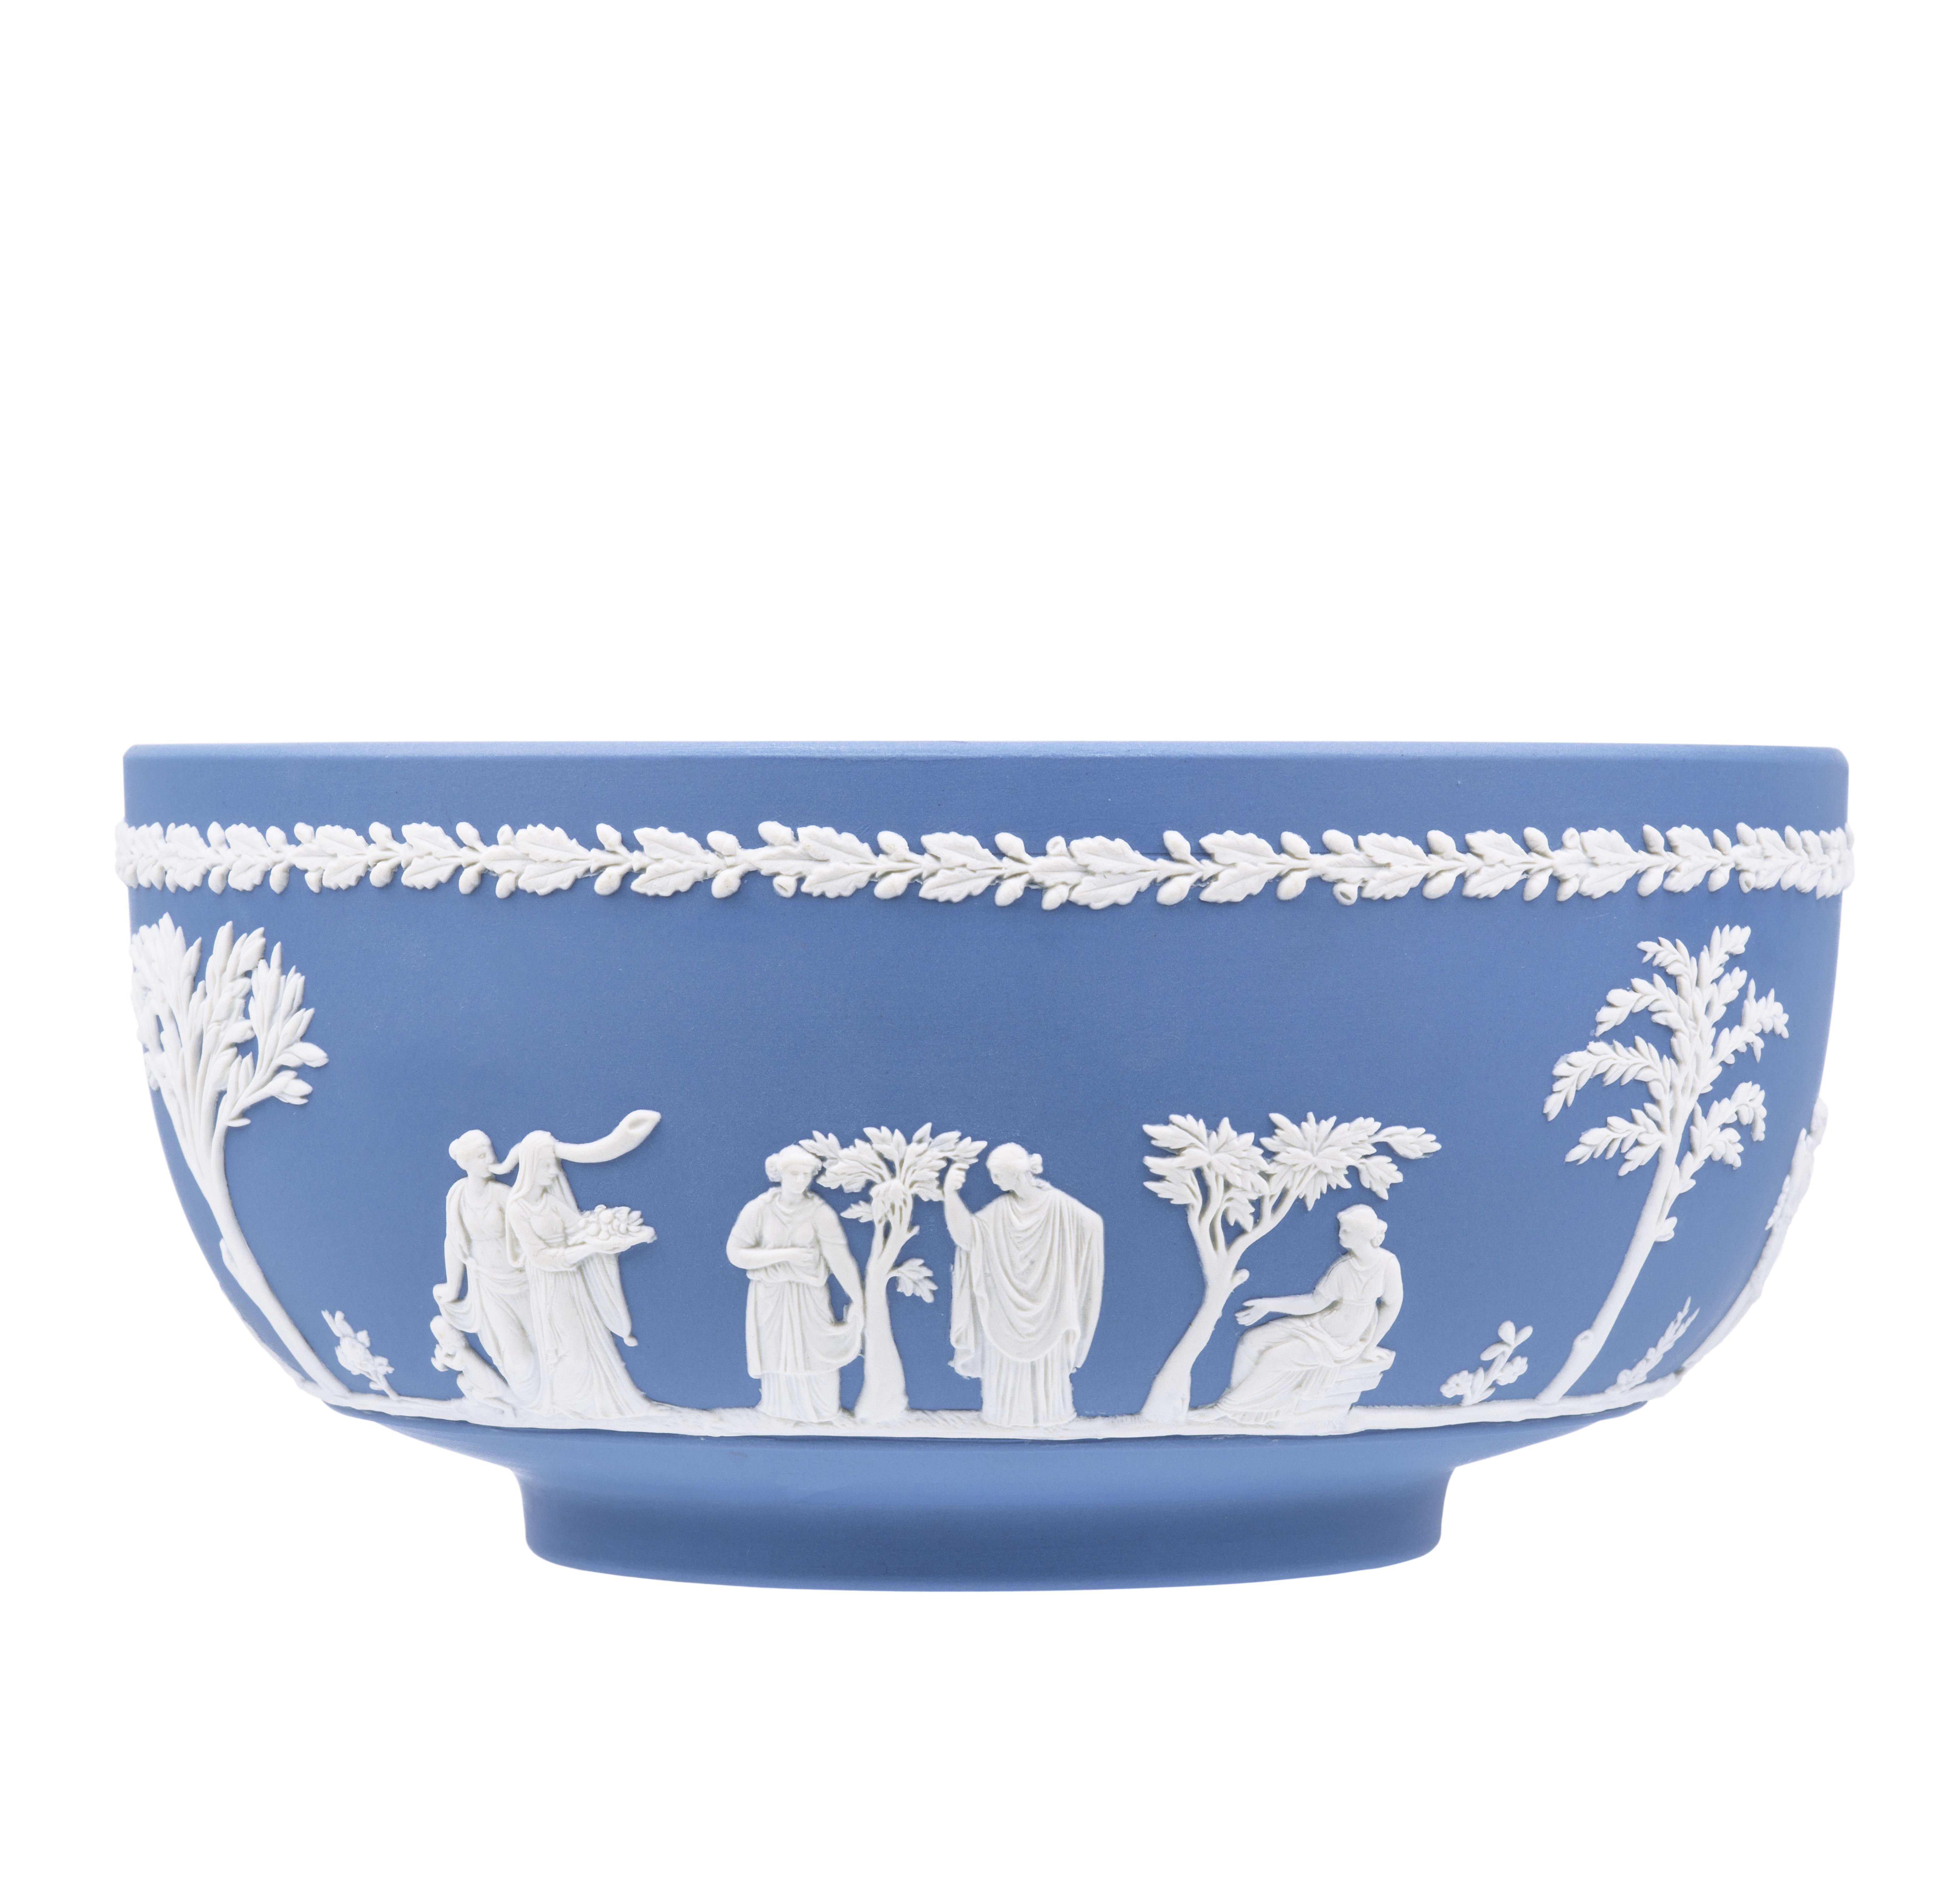 A Vintage Wedgewood Jasperware Bowl